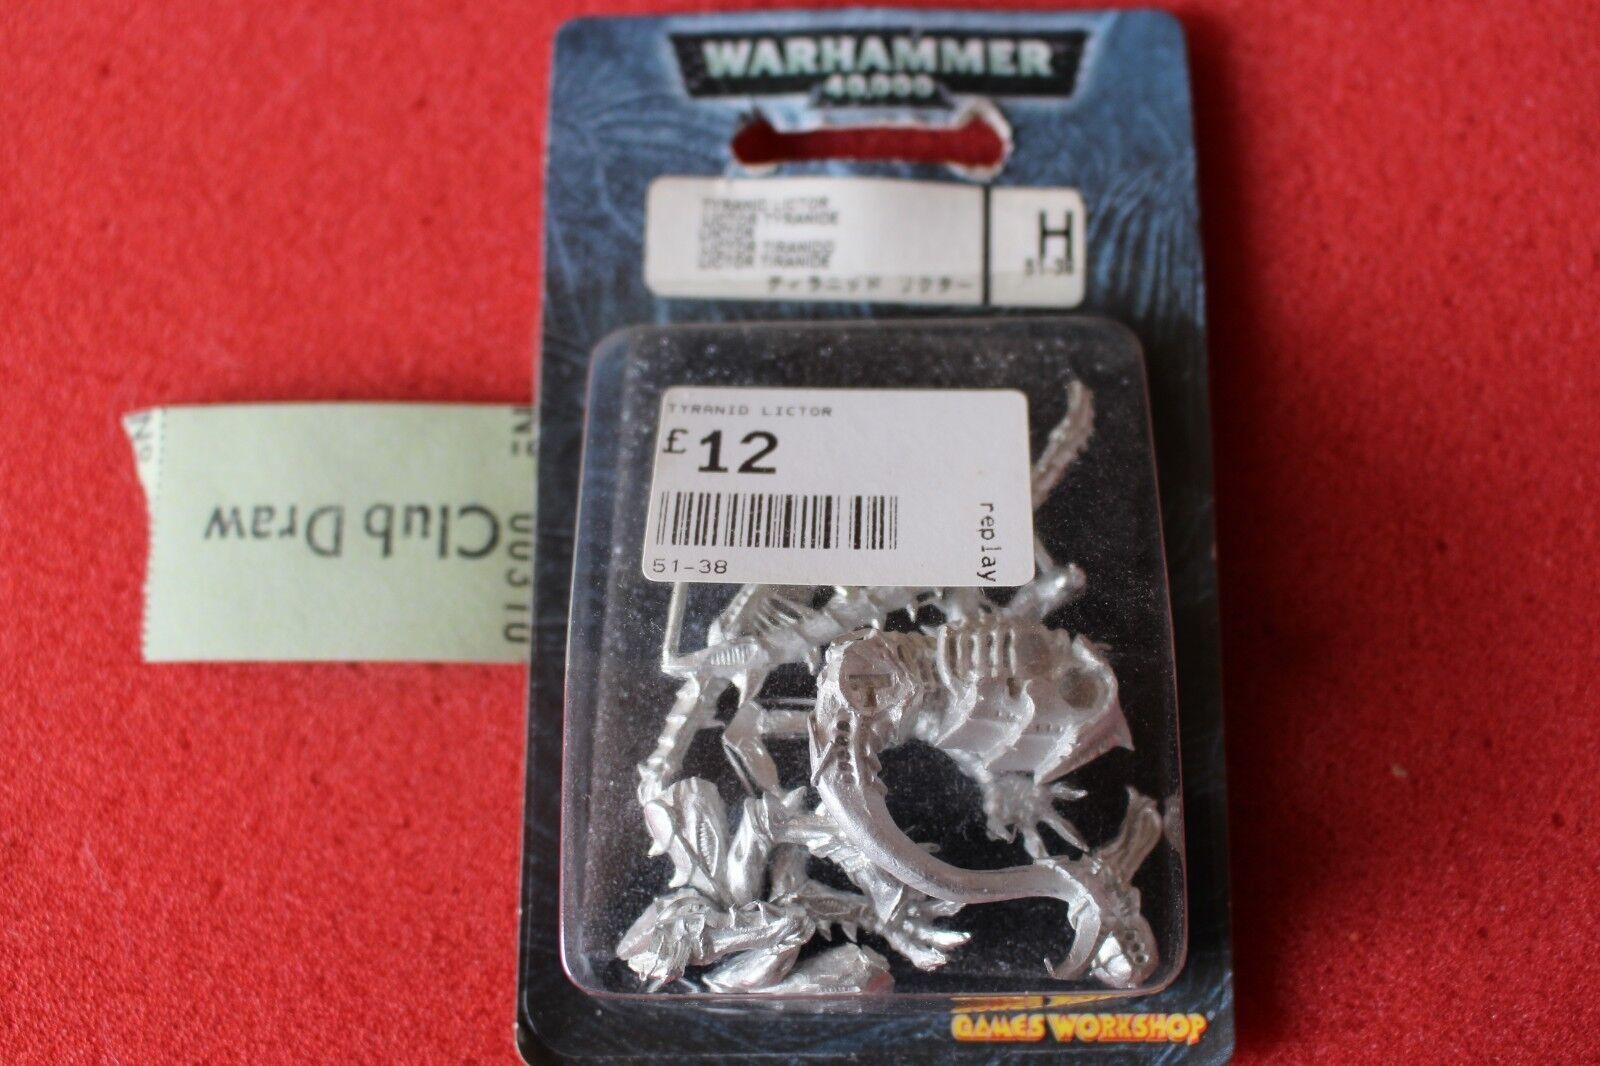 Games Workshop Warhammer 40k Tyranids Lictor Tyranid OOP BNIB Metal Figure WH40K